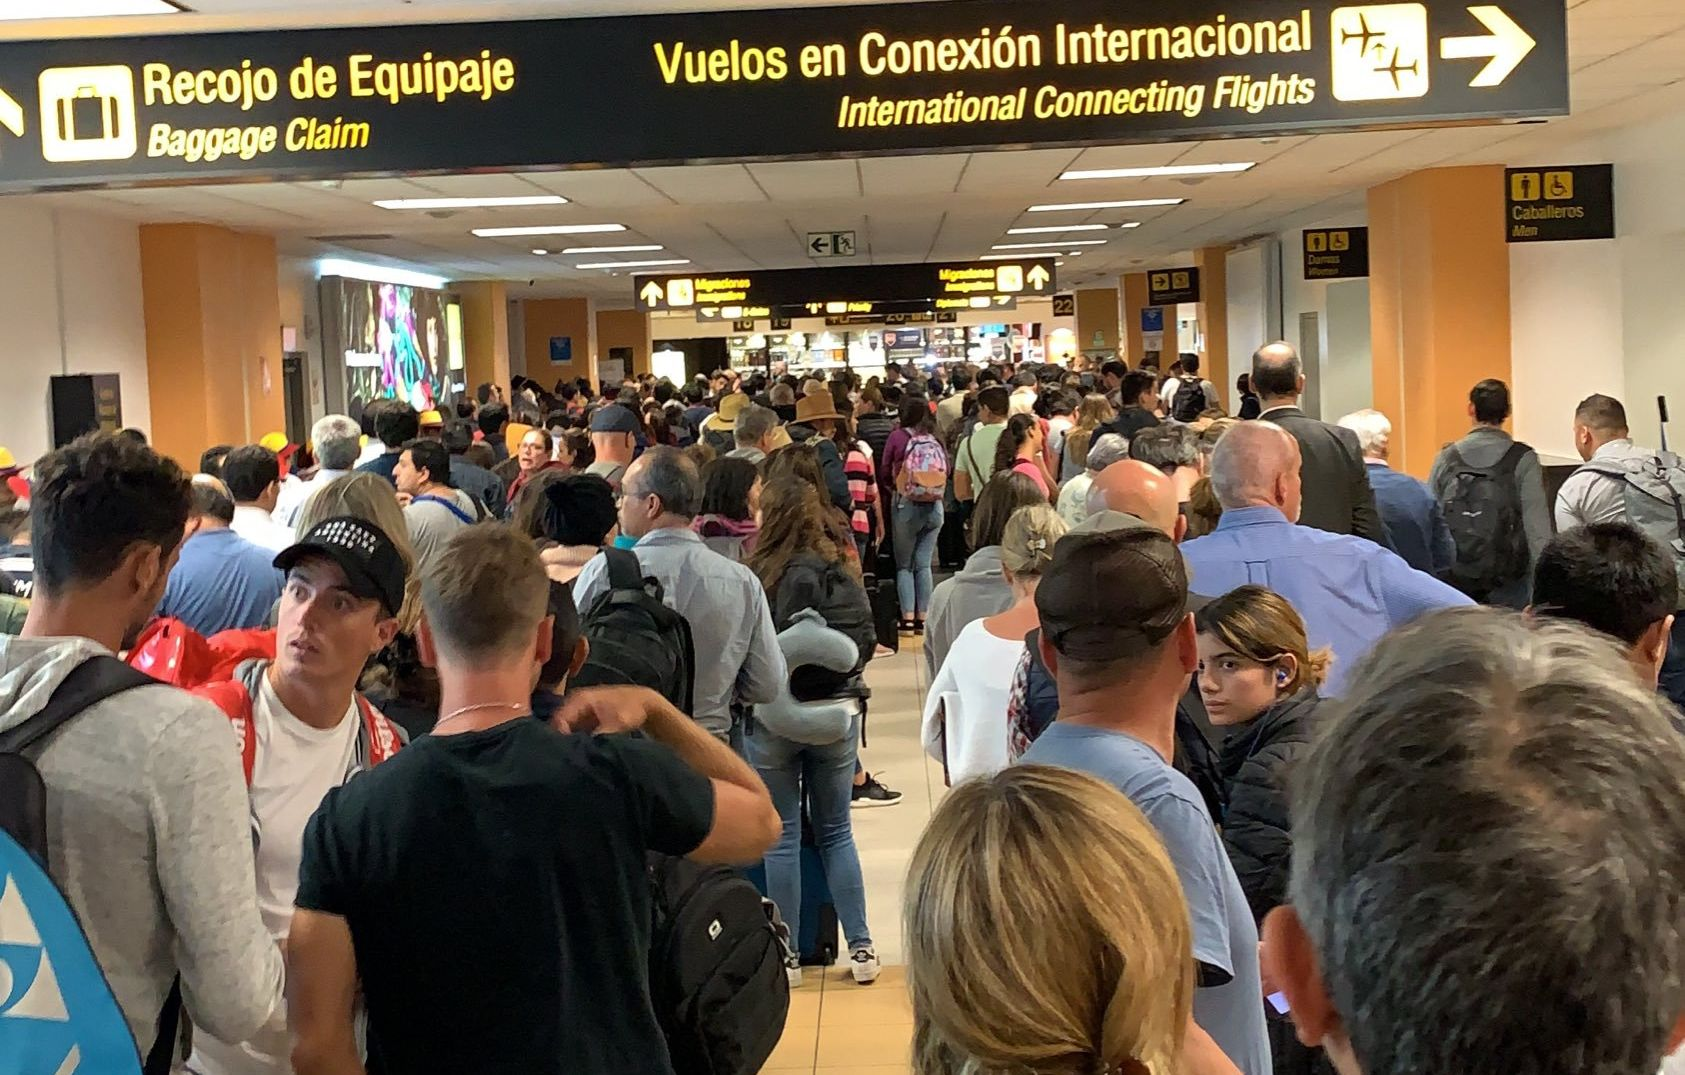 Protestas en Chile: denuncian que Sky Airline dejó varados a pasajeros sin agua ni comida en Jorge Chávez